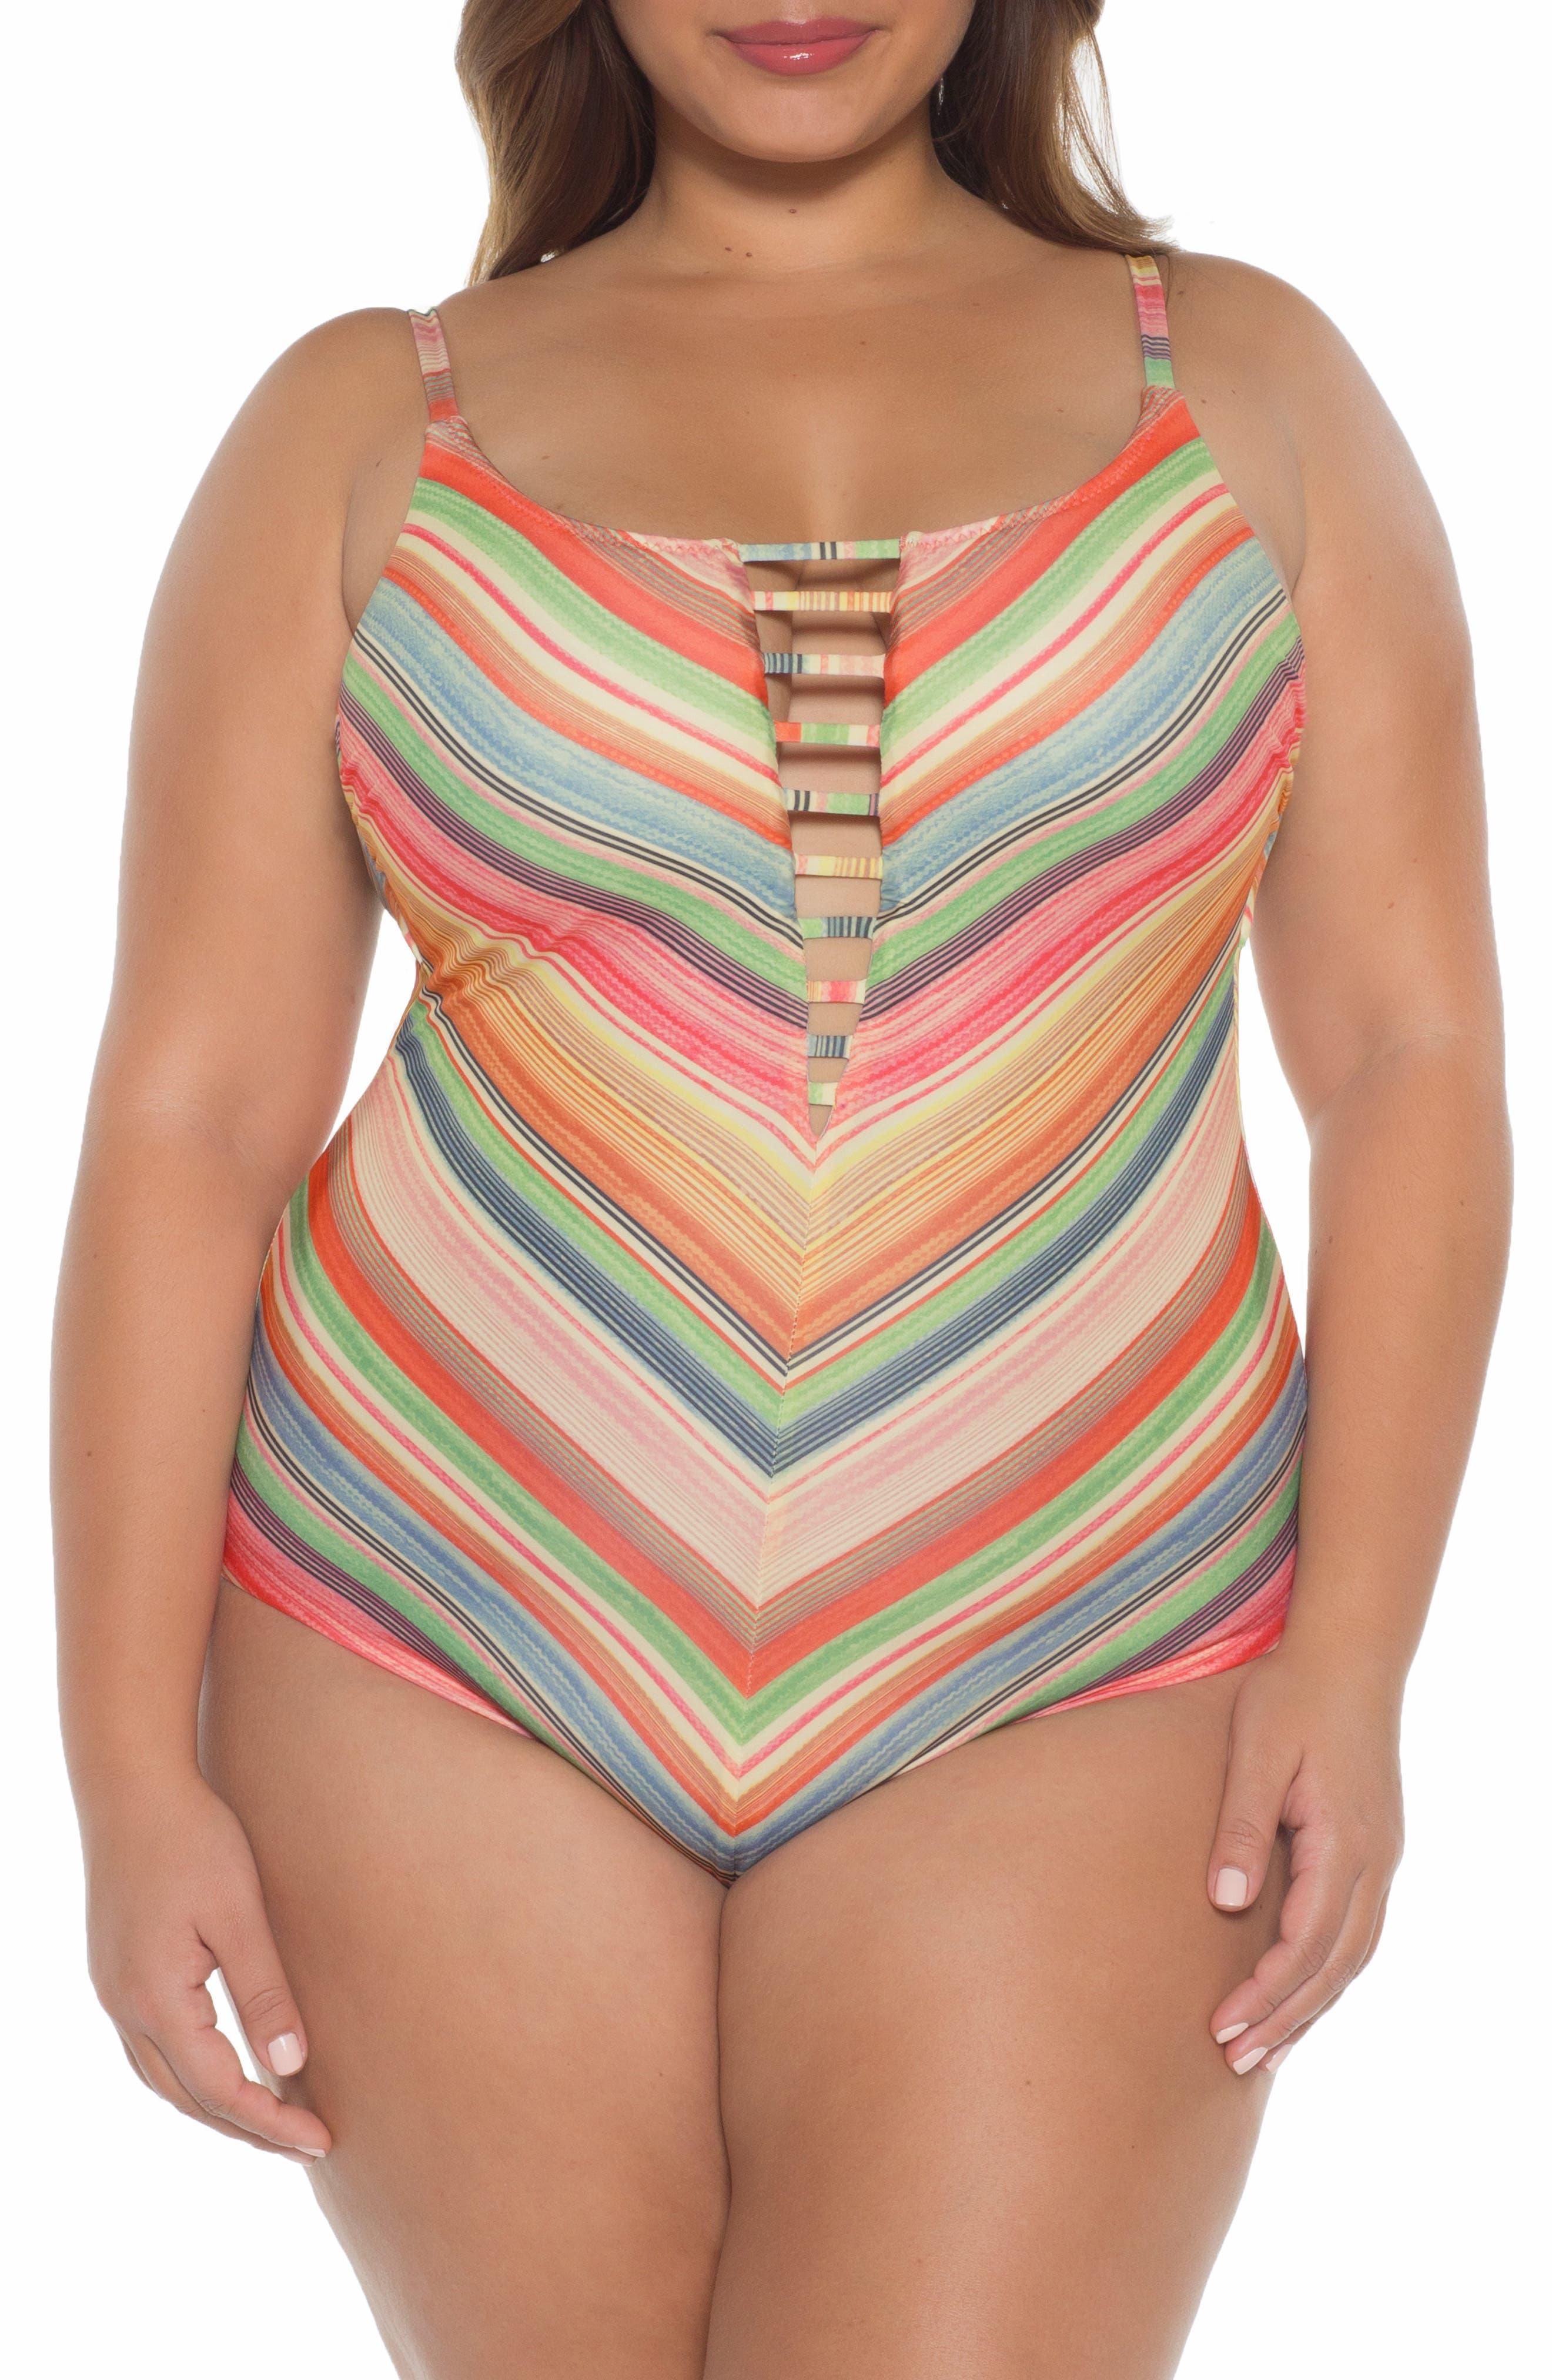 Plus Size Becca Etc. West Village One-Piece Swimsuit, Black